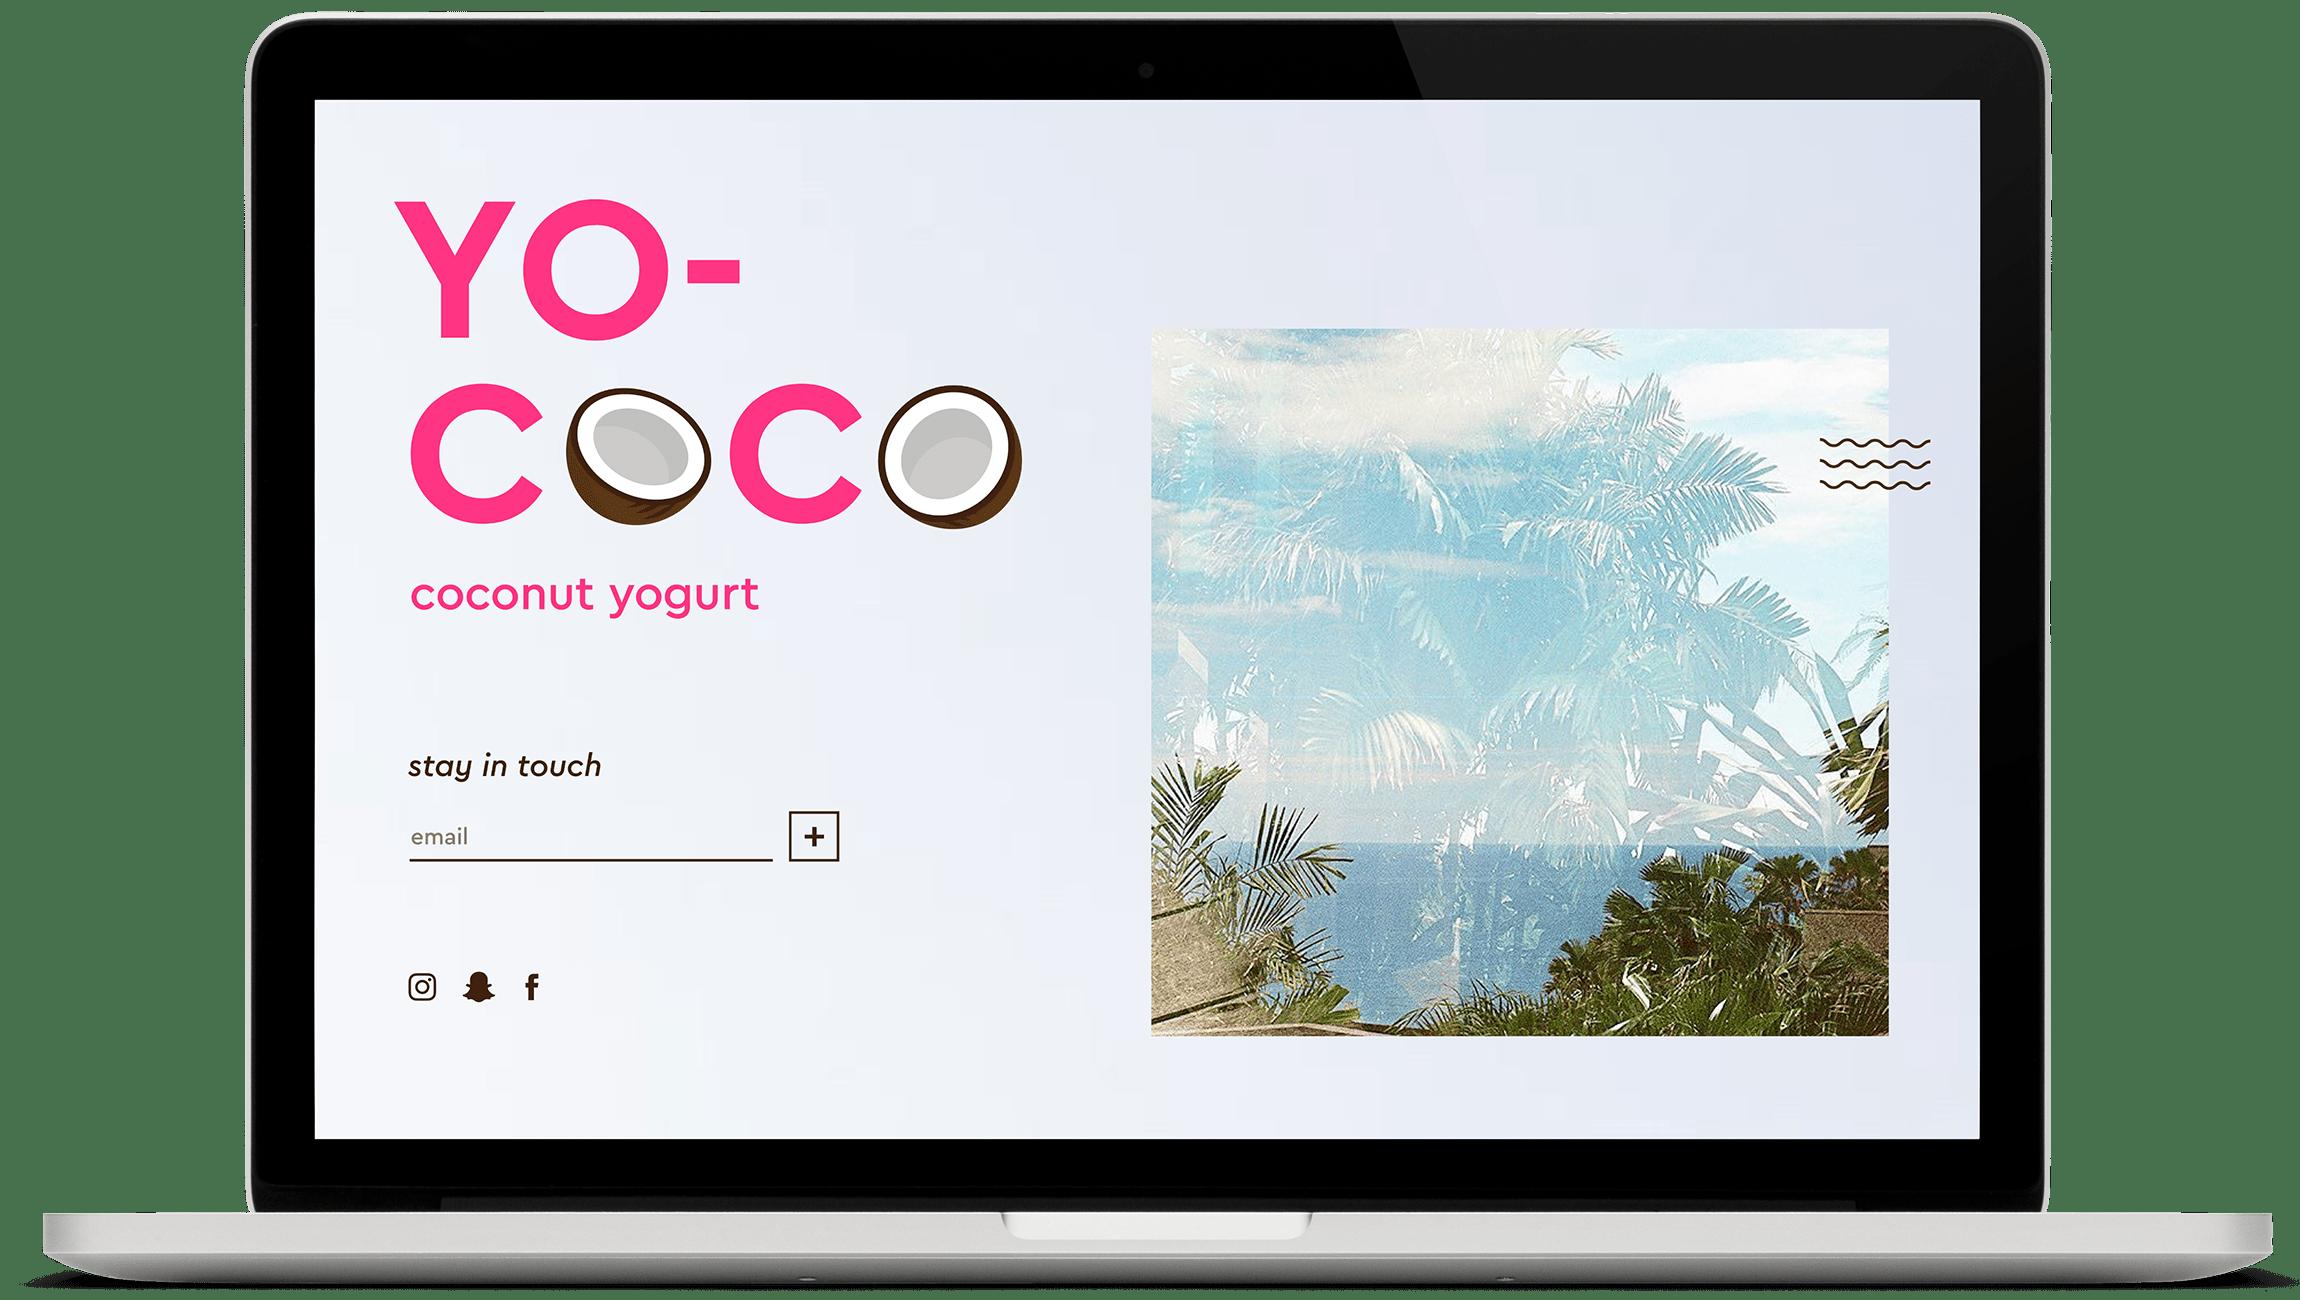 KarenMessing-Yococo-4